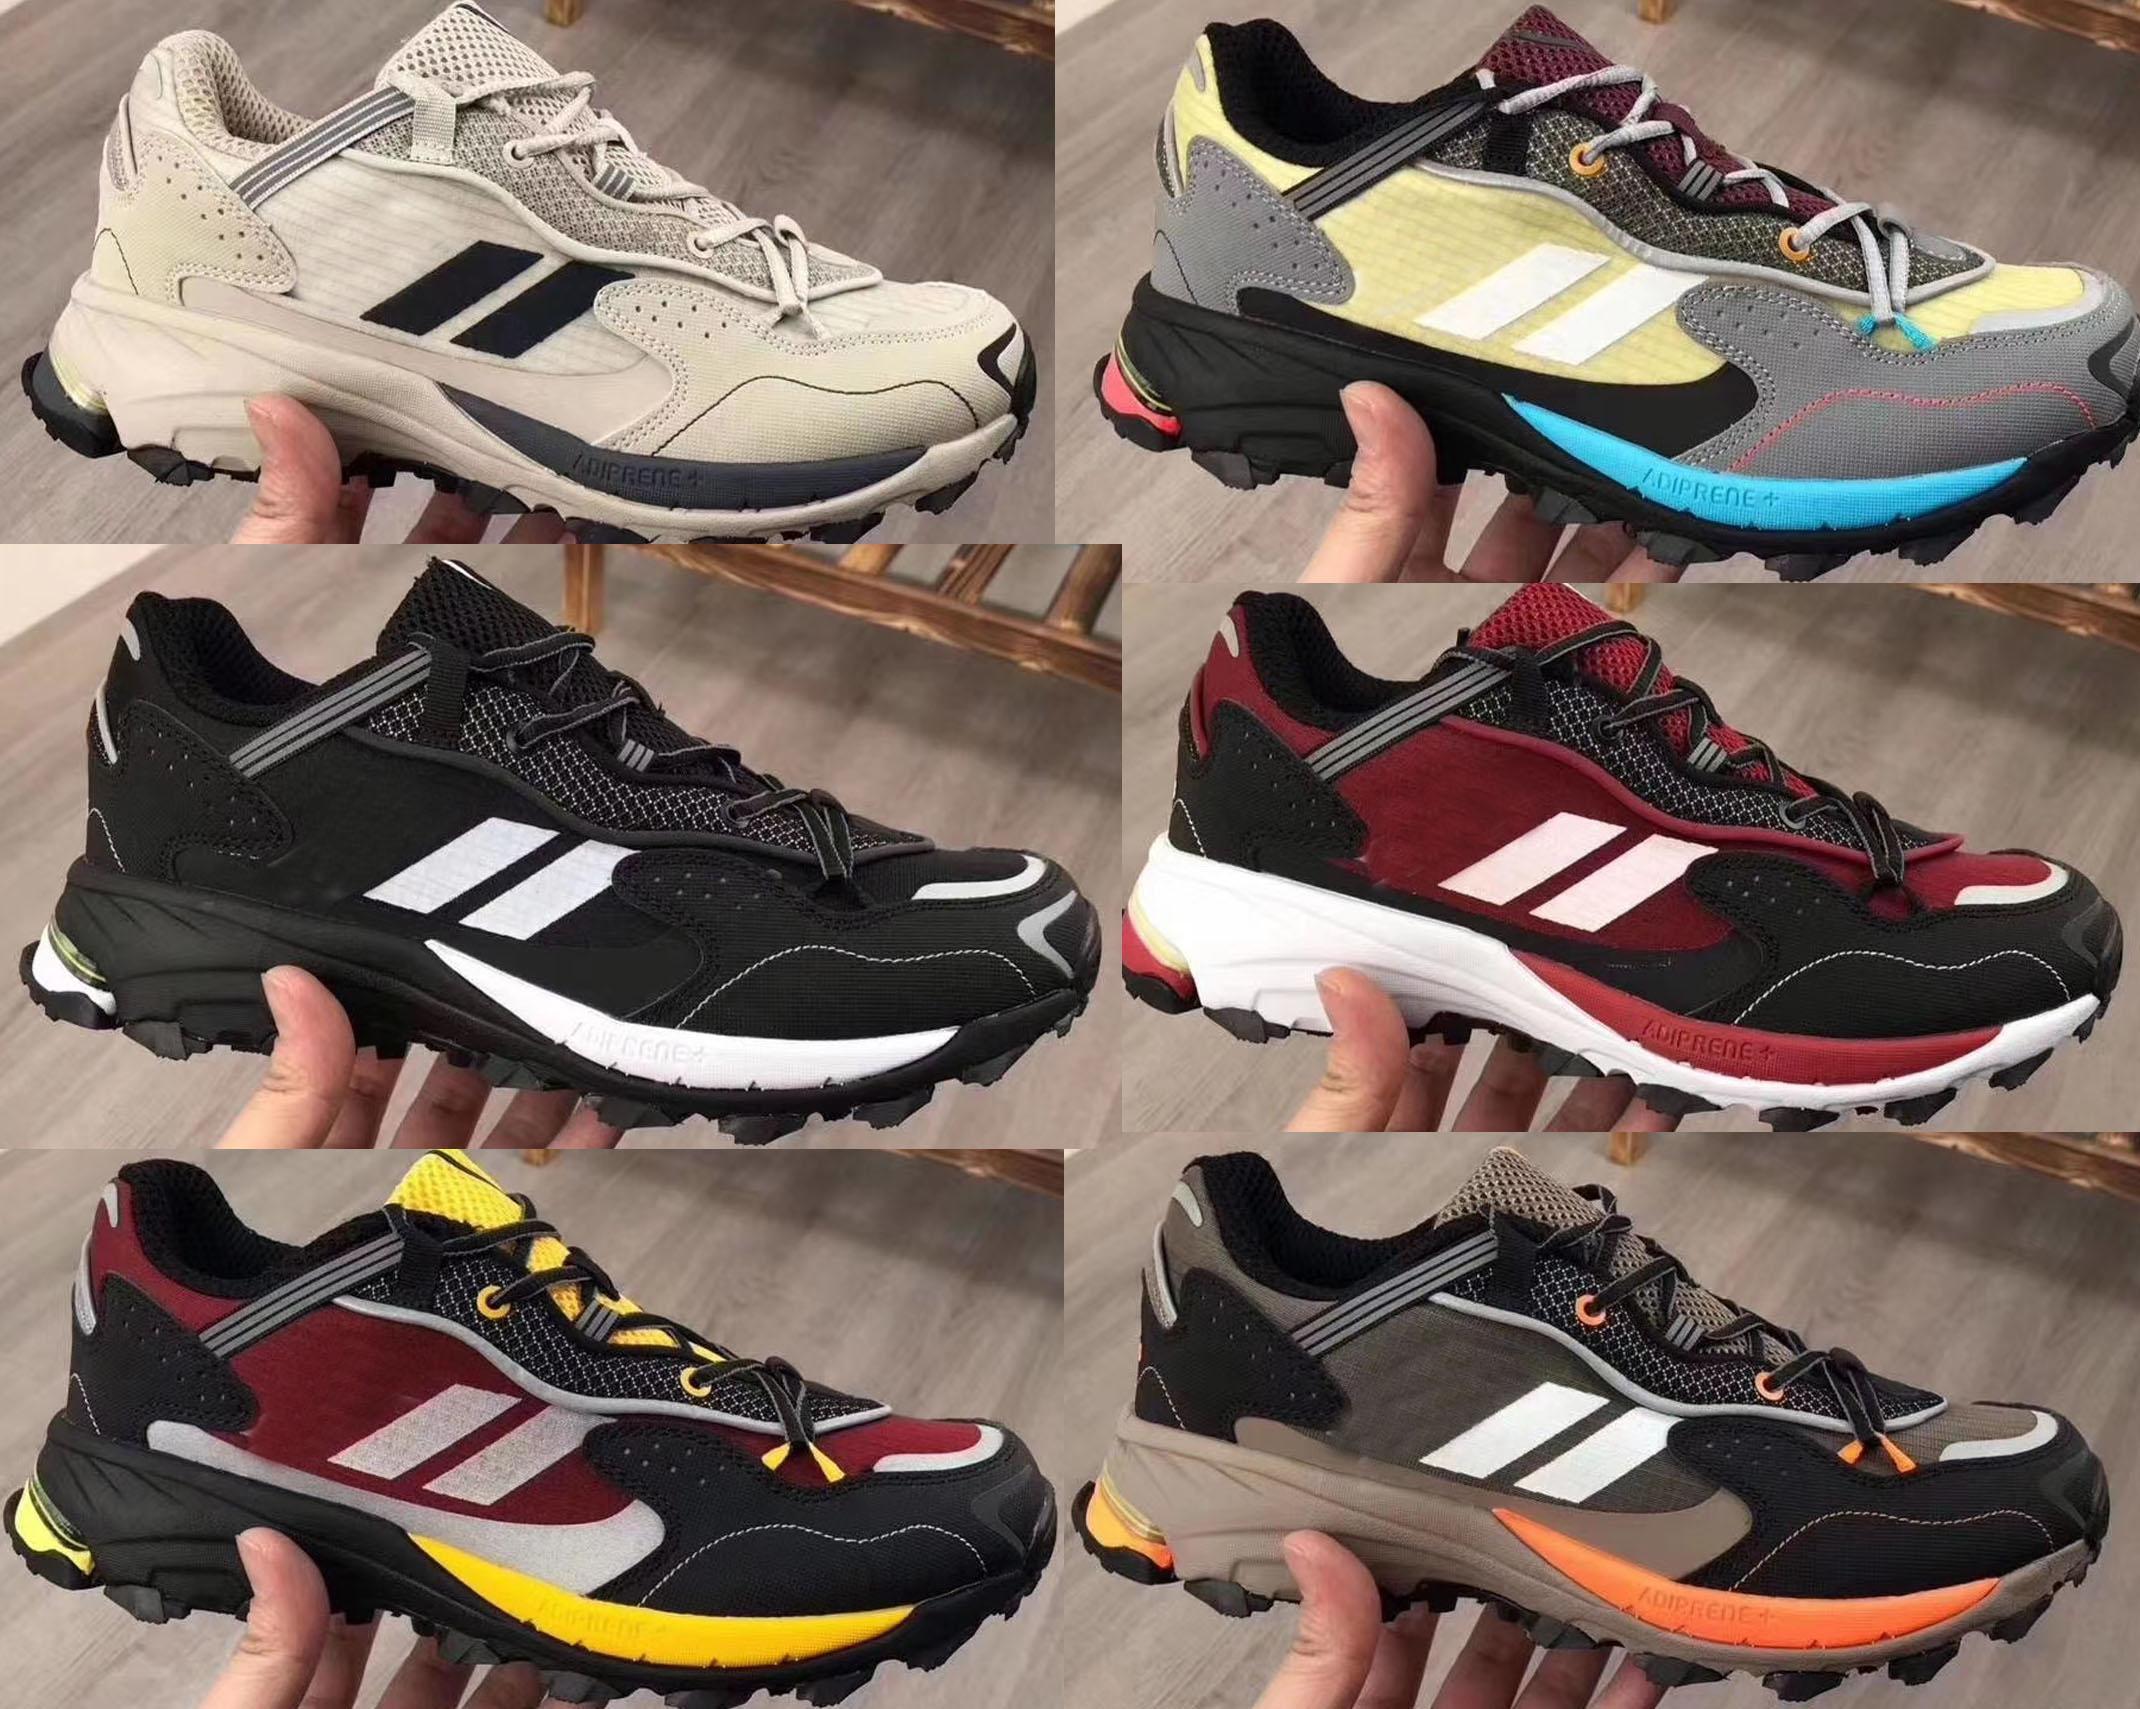 2020 Последние Landscaper совместный марафон на открытом воздухе походы тапочки сандалии конструктора женщин кроссовки платформы обувь мужчин баскетбола Открытый JOO8272